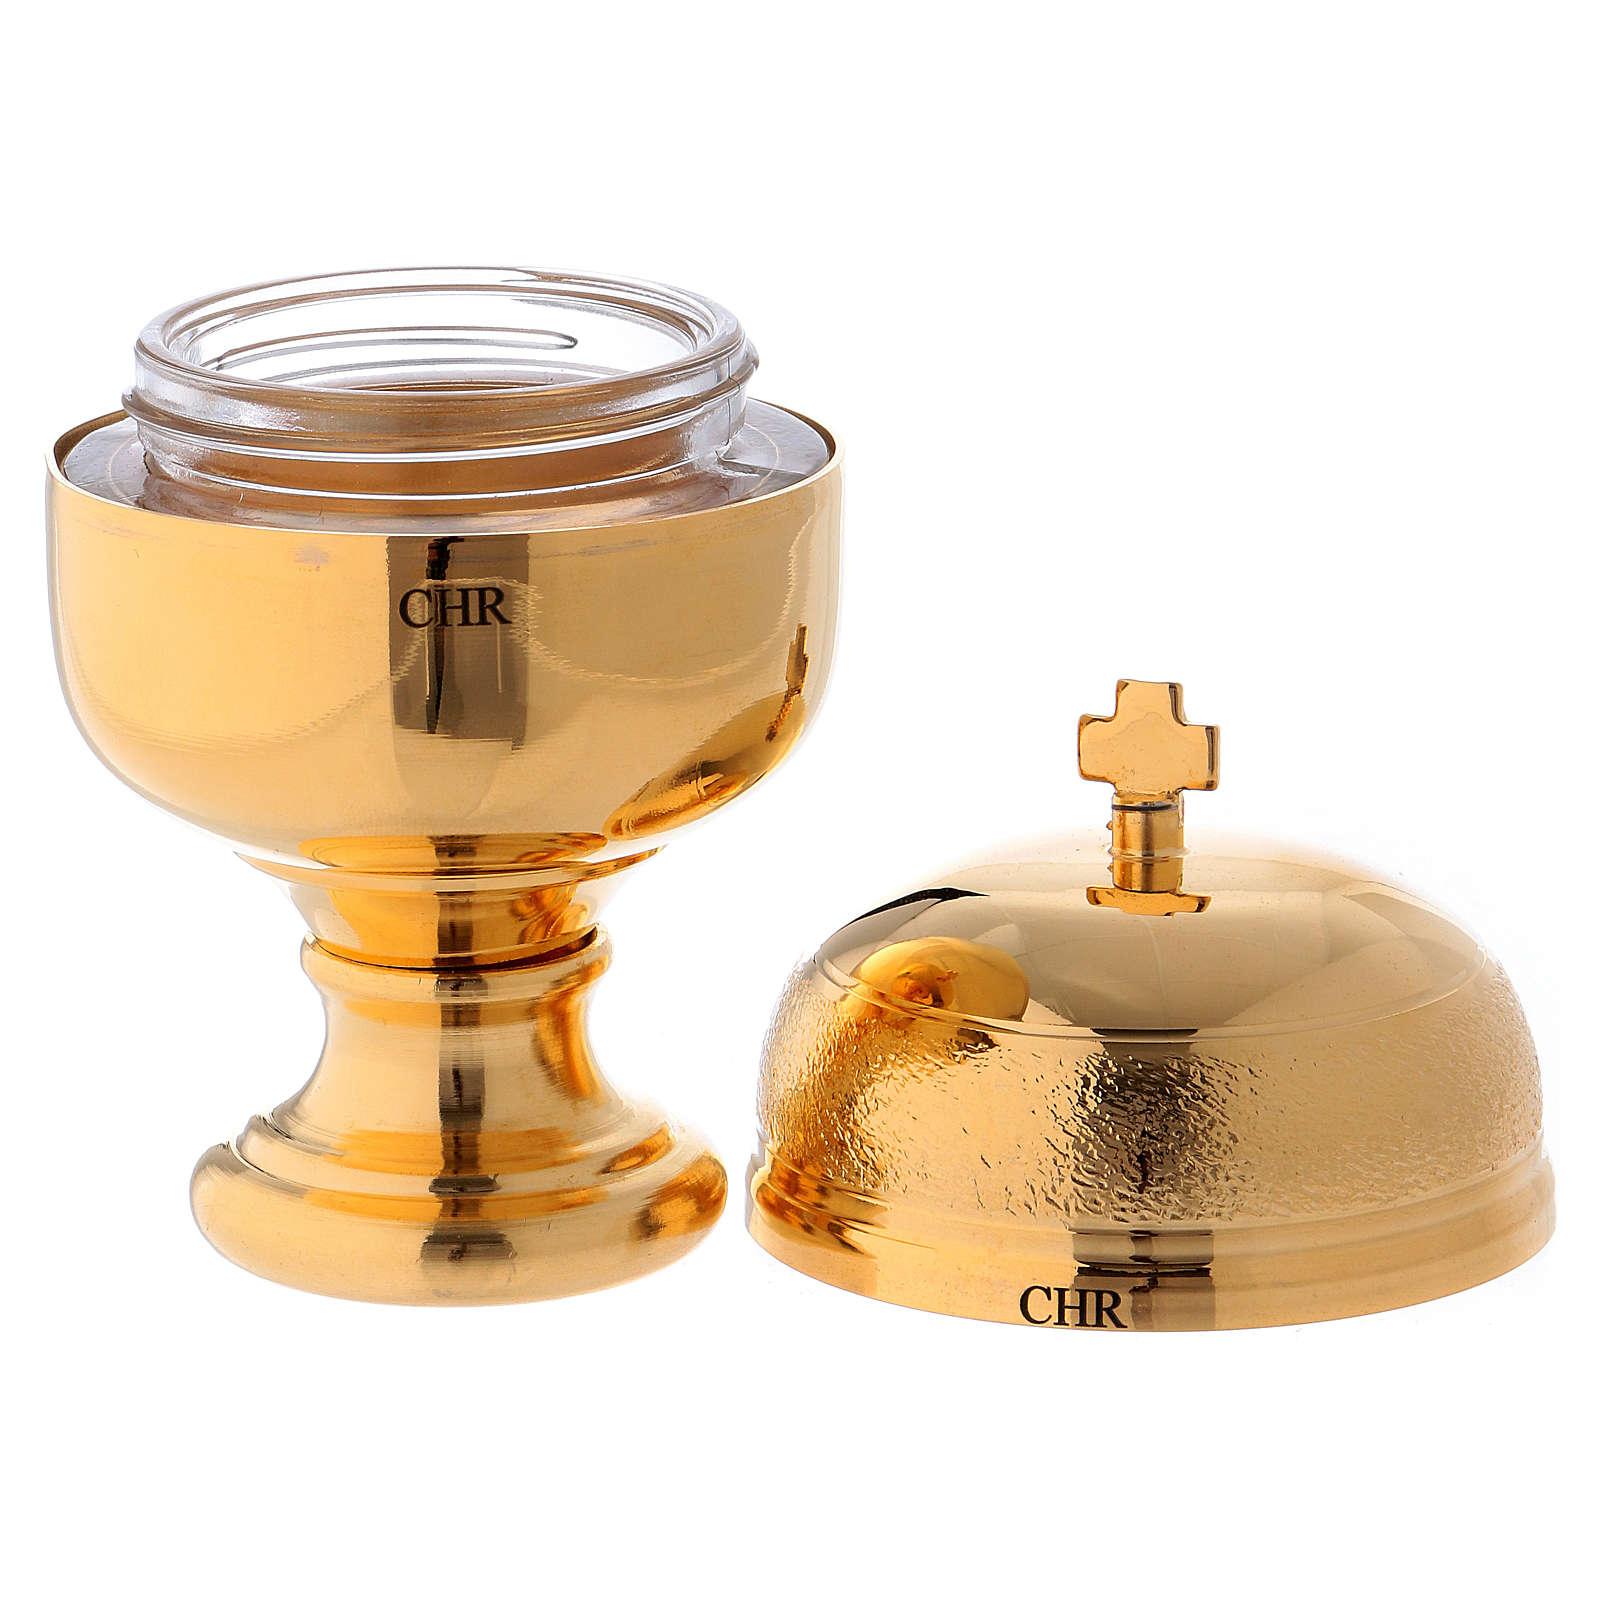 Naczynko na oleje święte model Crismera CHR (krzyżmo) 3